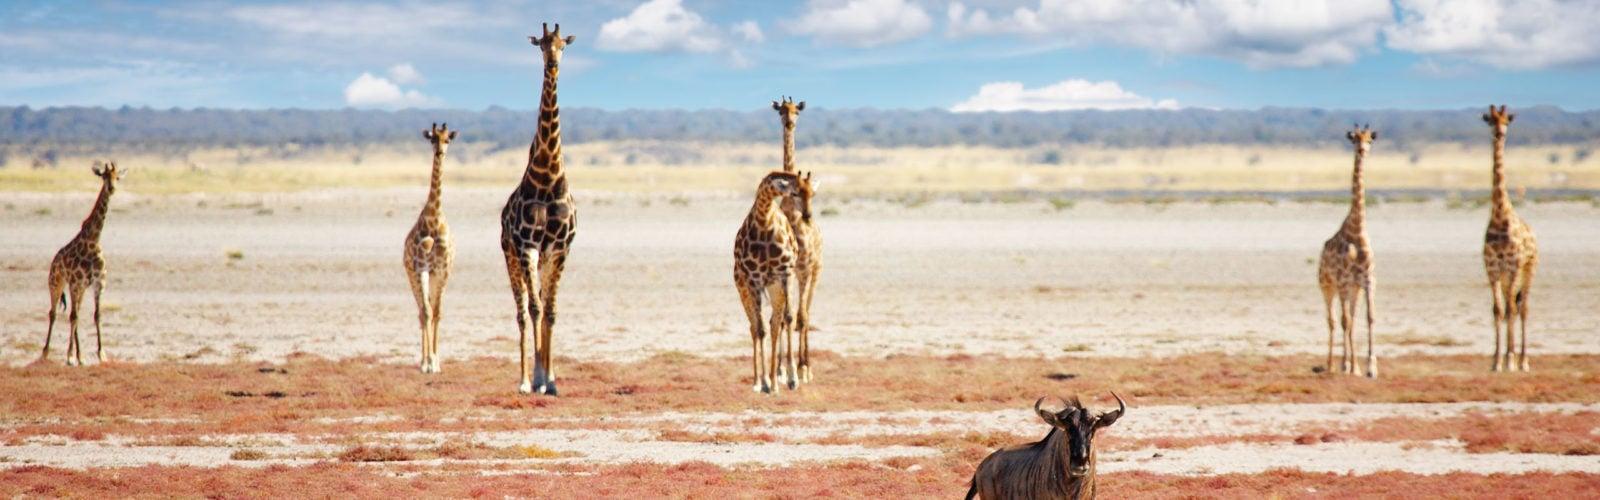 Herd of giraffes in Namibia